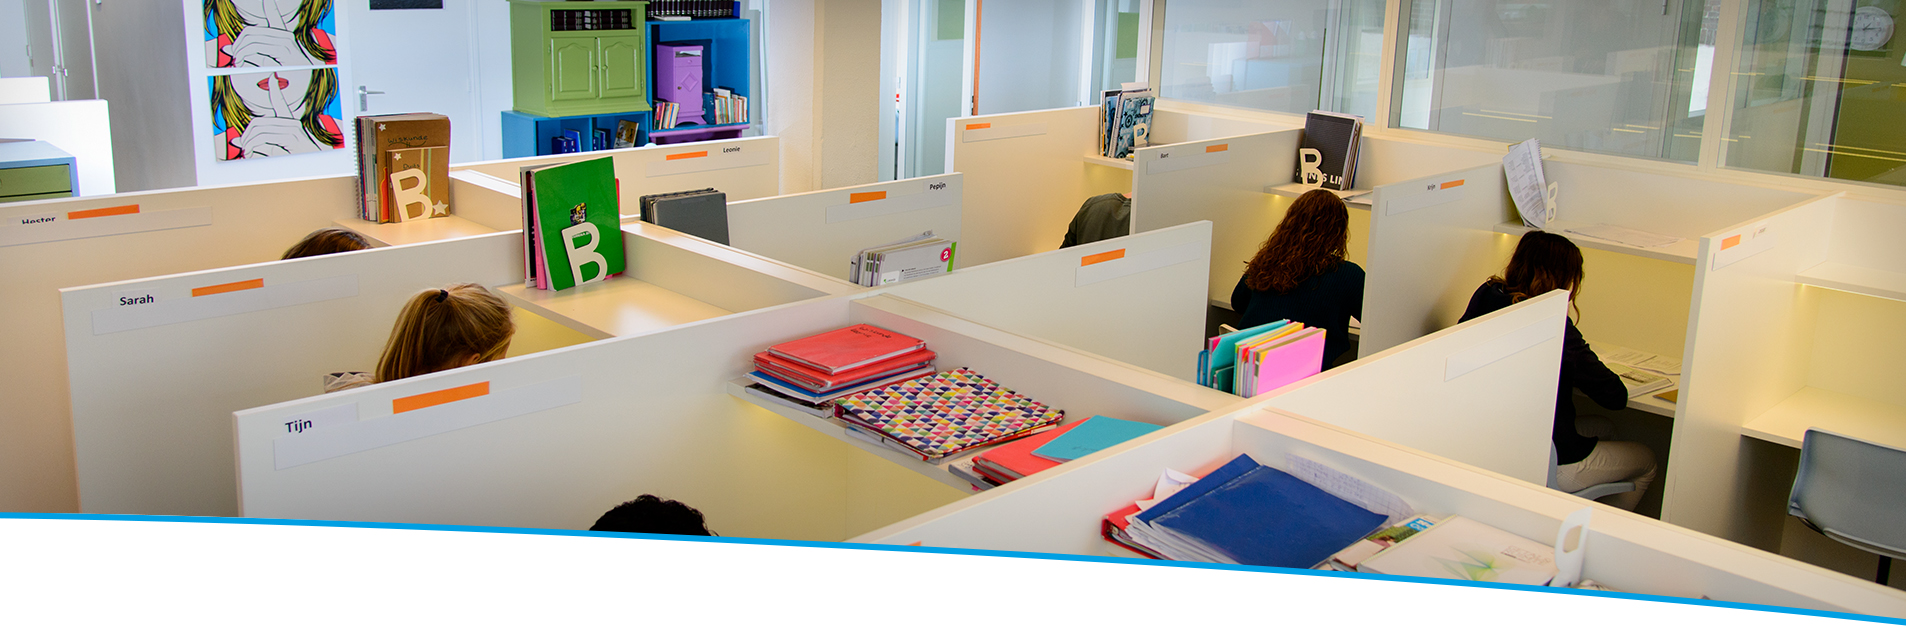 Studiebegeleiding op middelbare school in Amersfoort_Leusden